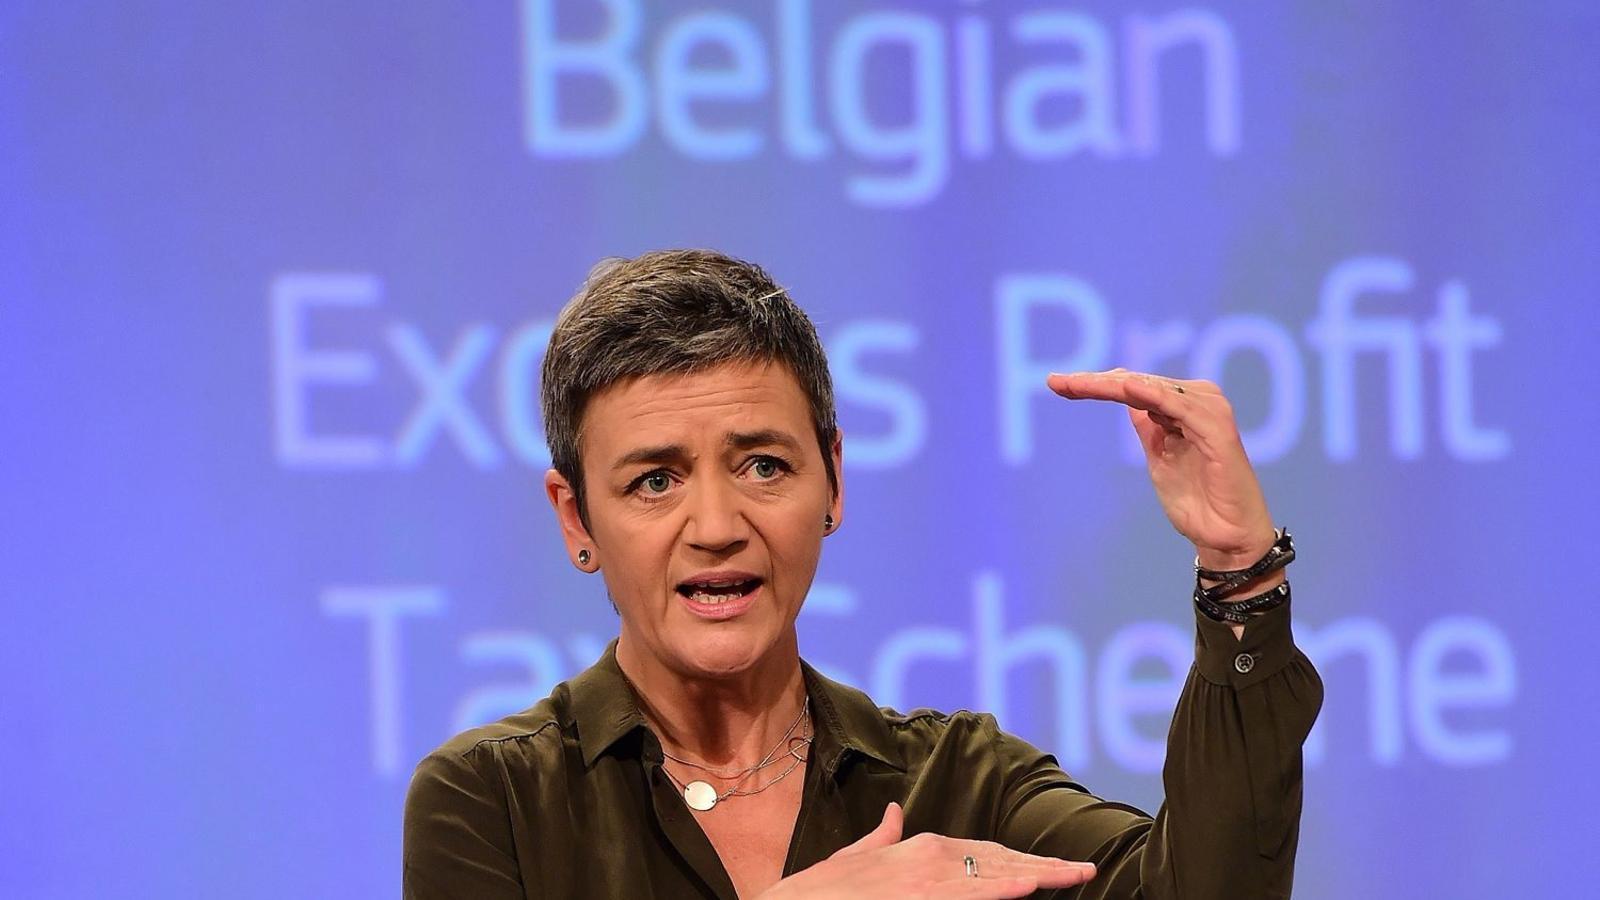 Brussel·les investiga si Meliá Hotels no respecta les normes de la lliure competència a internet